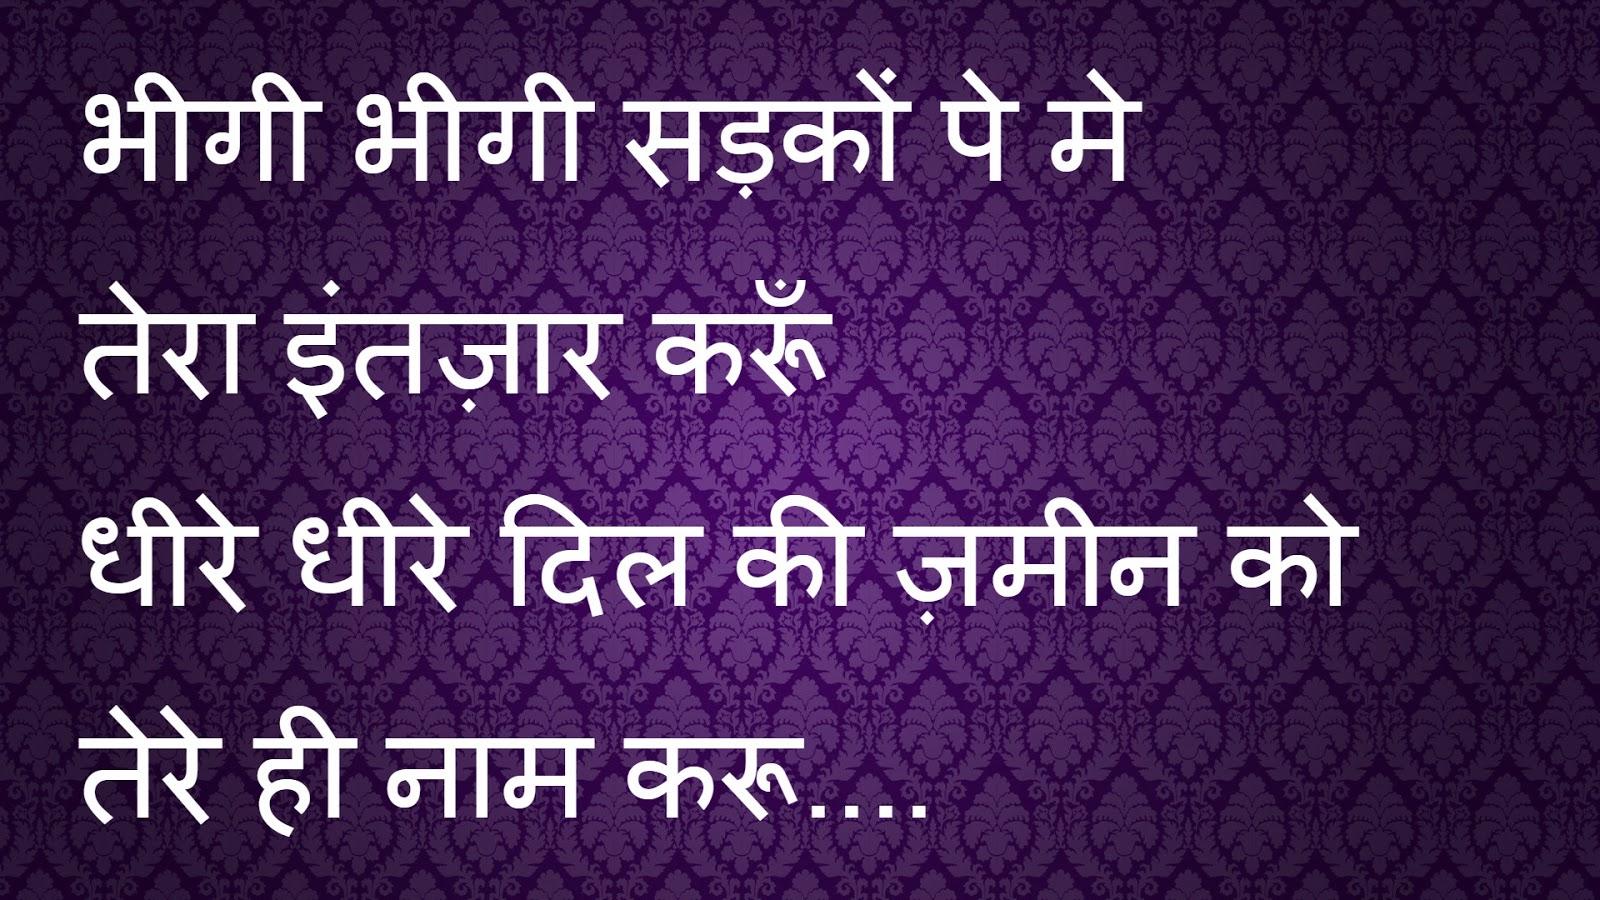 Shayari Hindi Shayari Image,Hindi Love Shayari SMS with Images,hindi ...